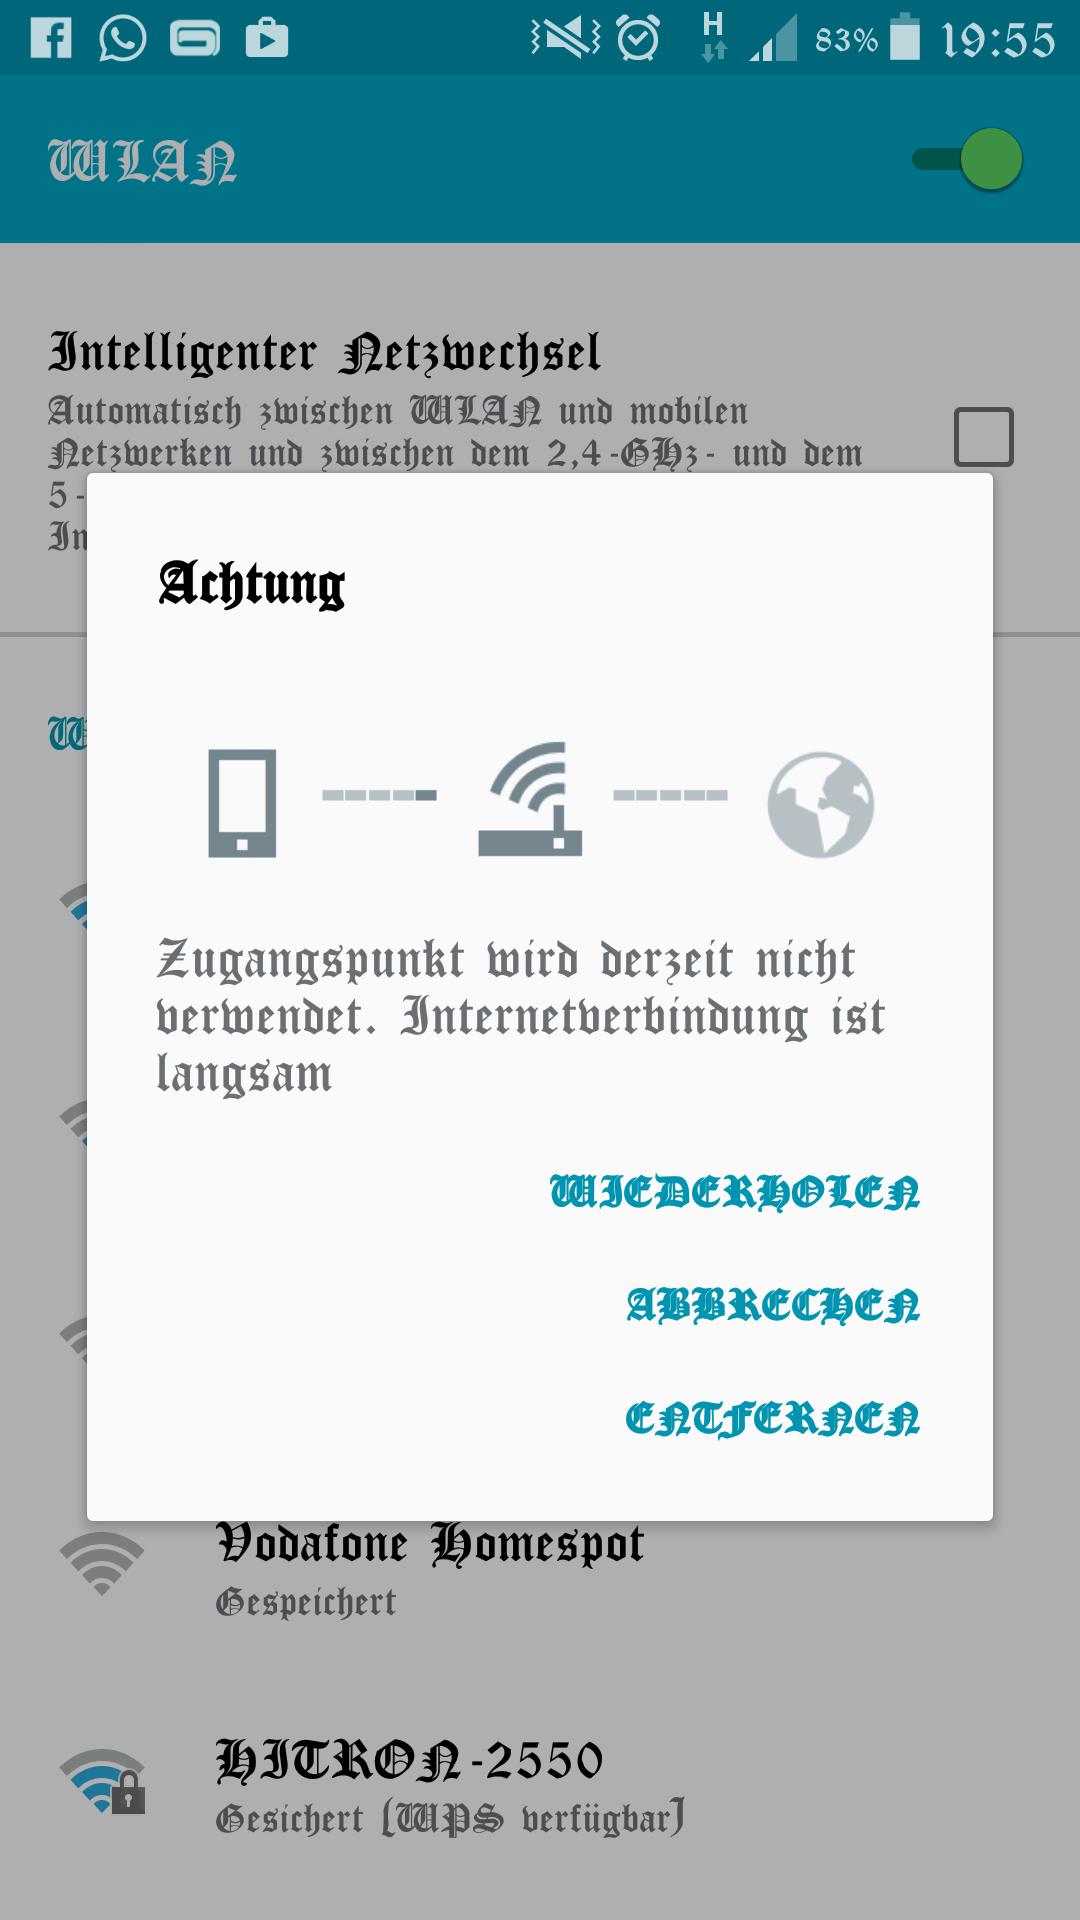 Zugangspunkt wird derzeit nicht verwendet. Internetverbindung langsam.